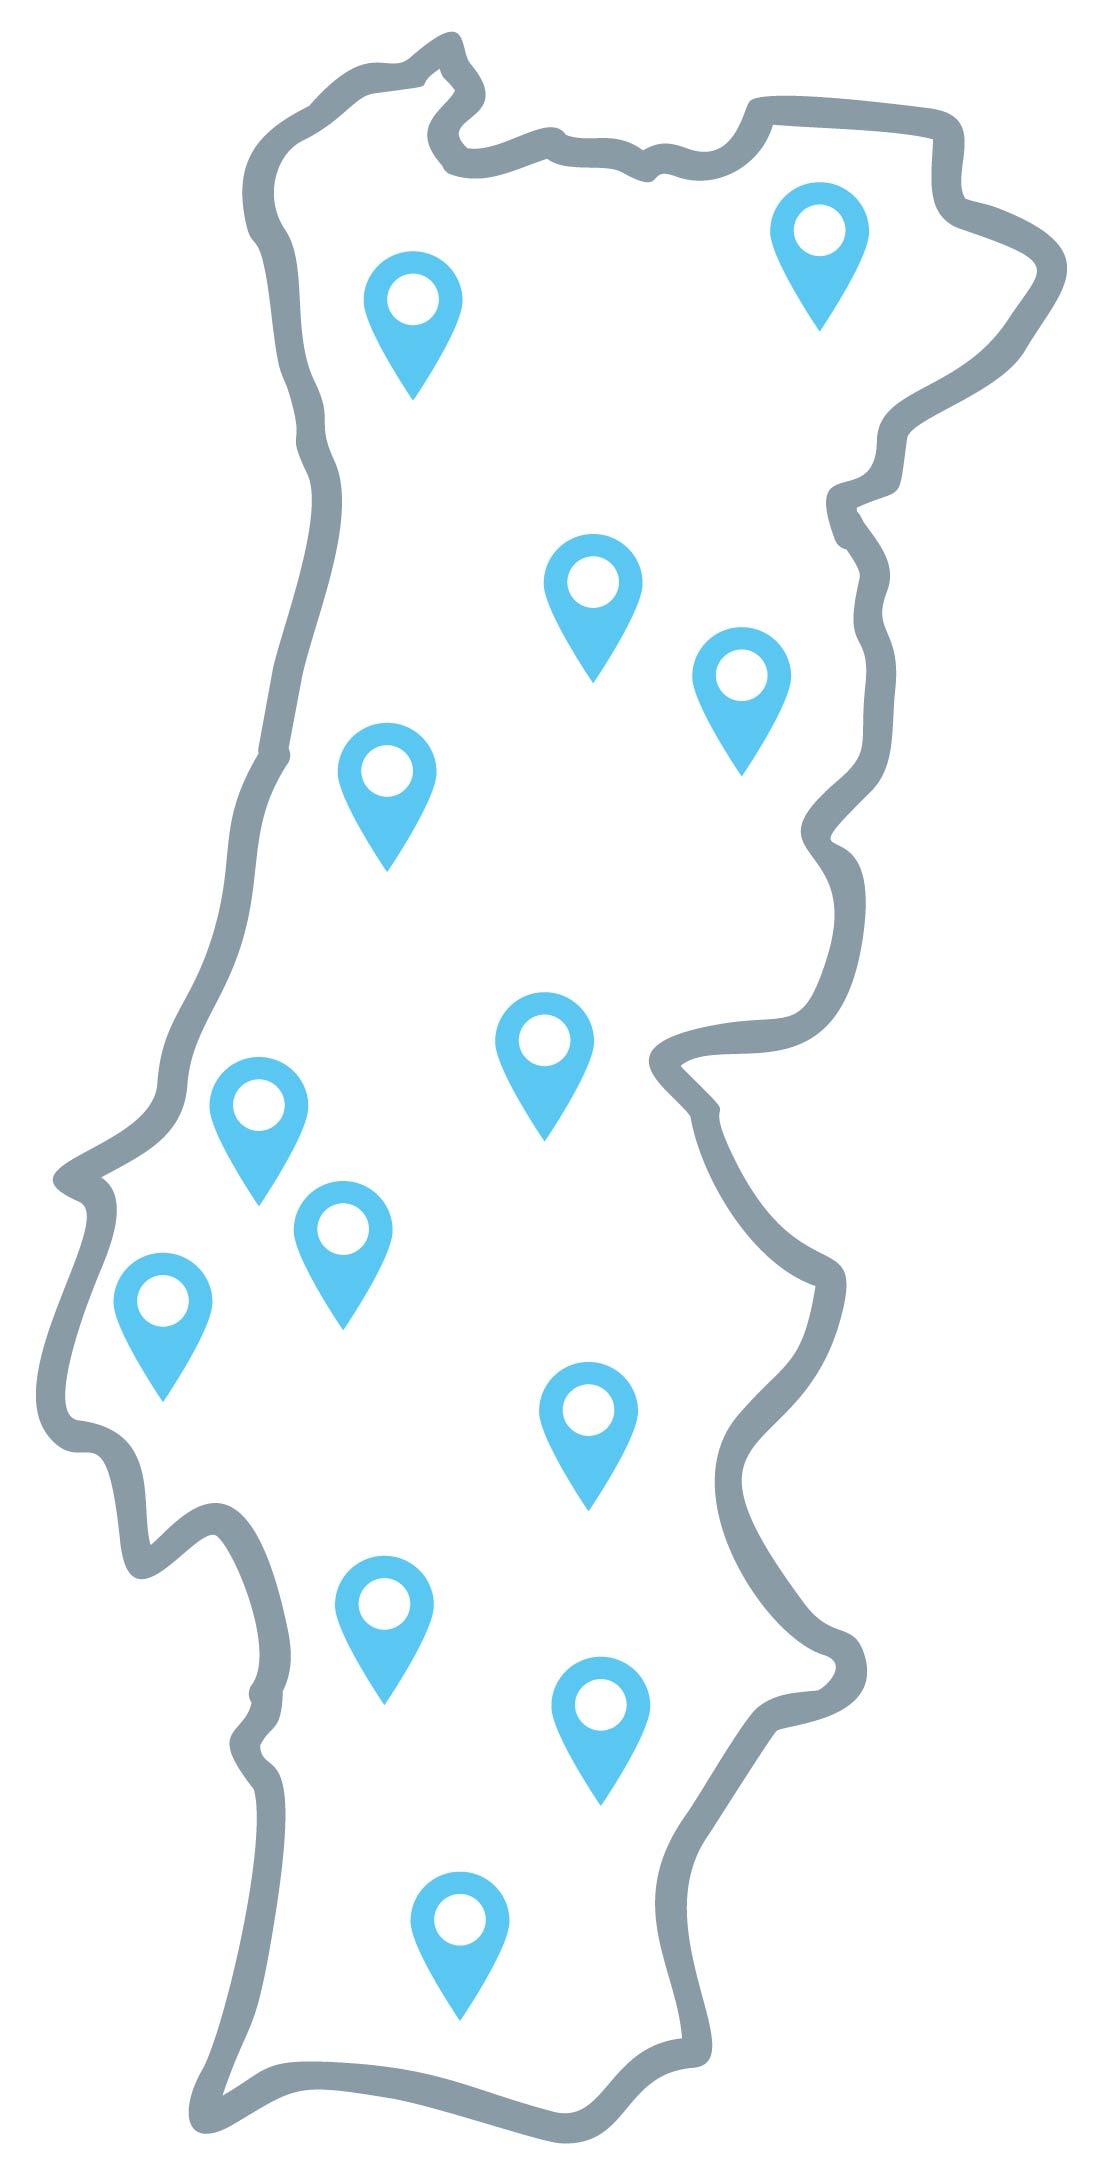 Mapa - Reciclar no Sentido Certo